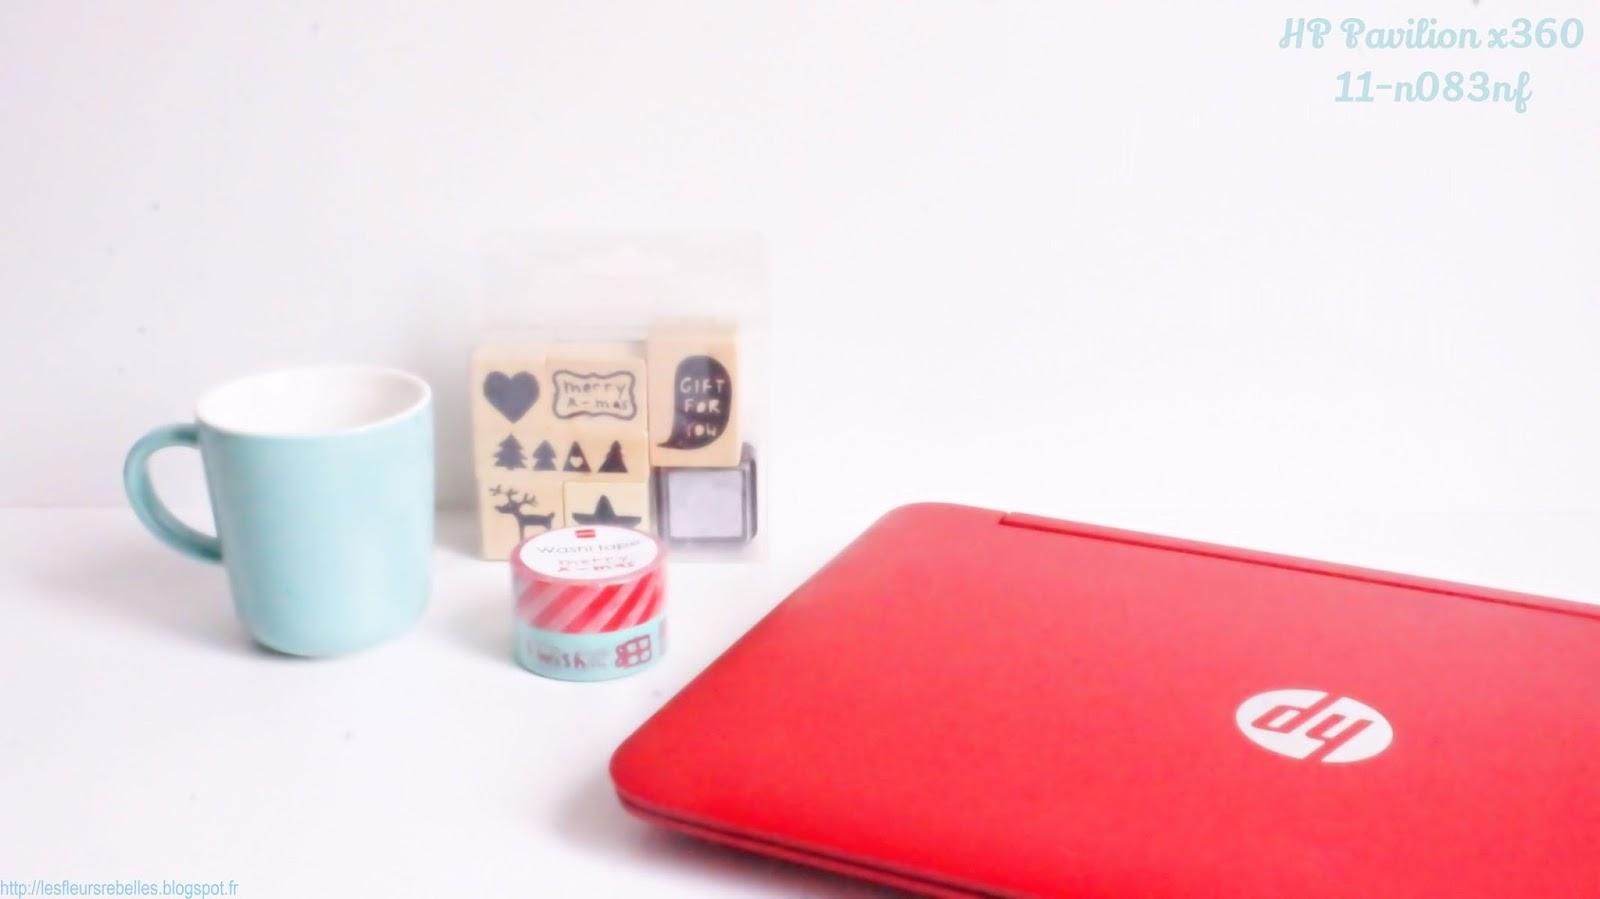 les fleurs rebelles blog lifestyle diy j 39 ai test le portable tactile et polyvalent. Black Bedroom Furniture Sets. Home Design Ideas